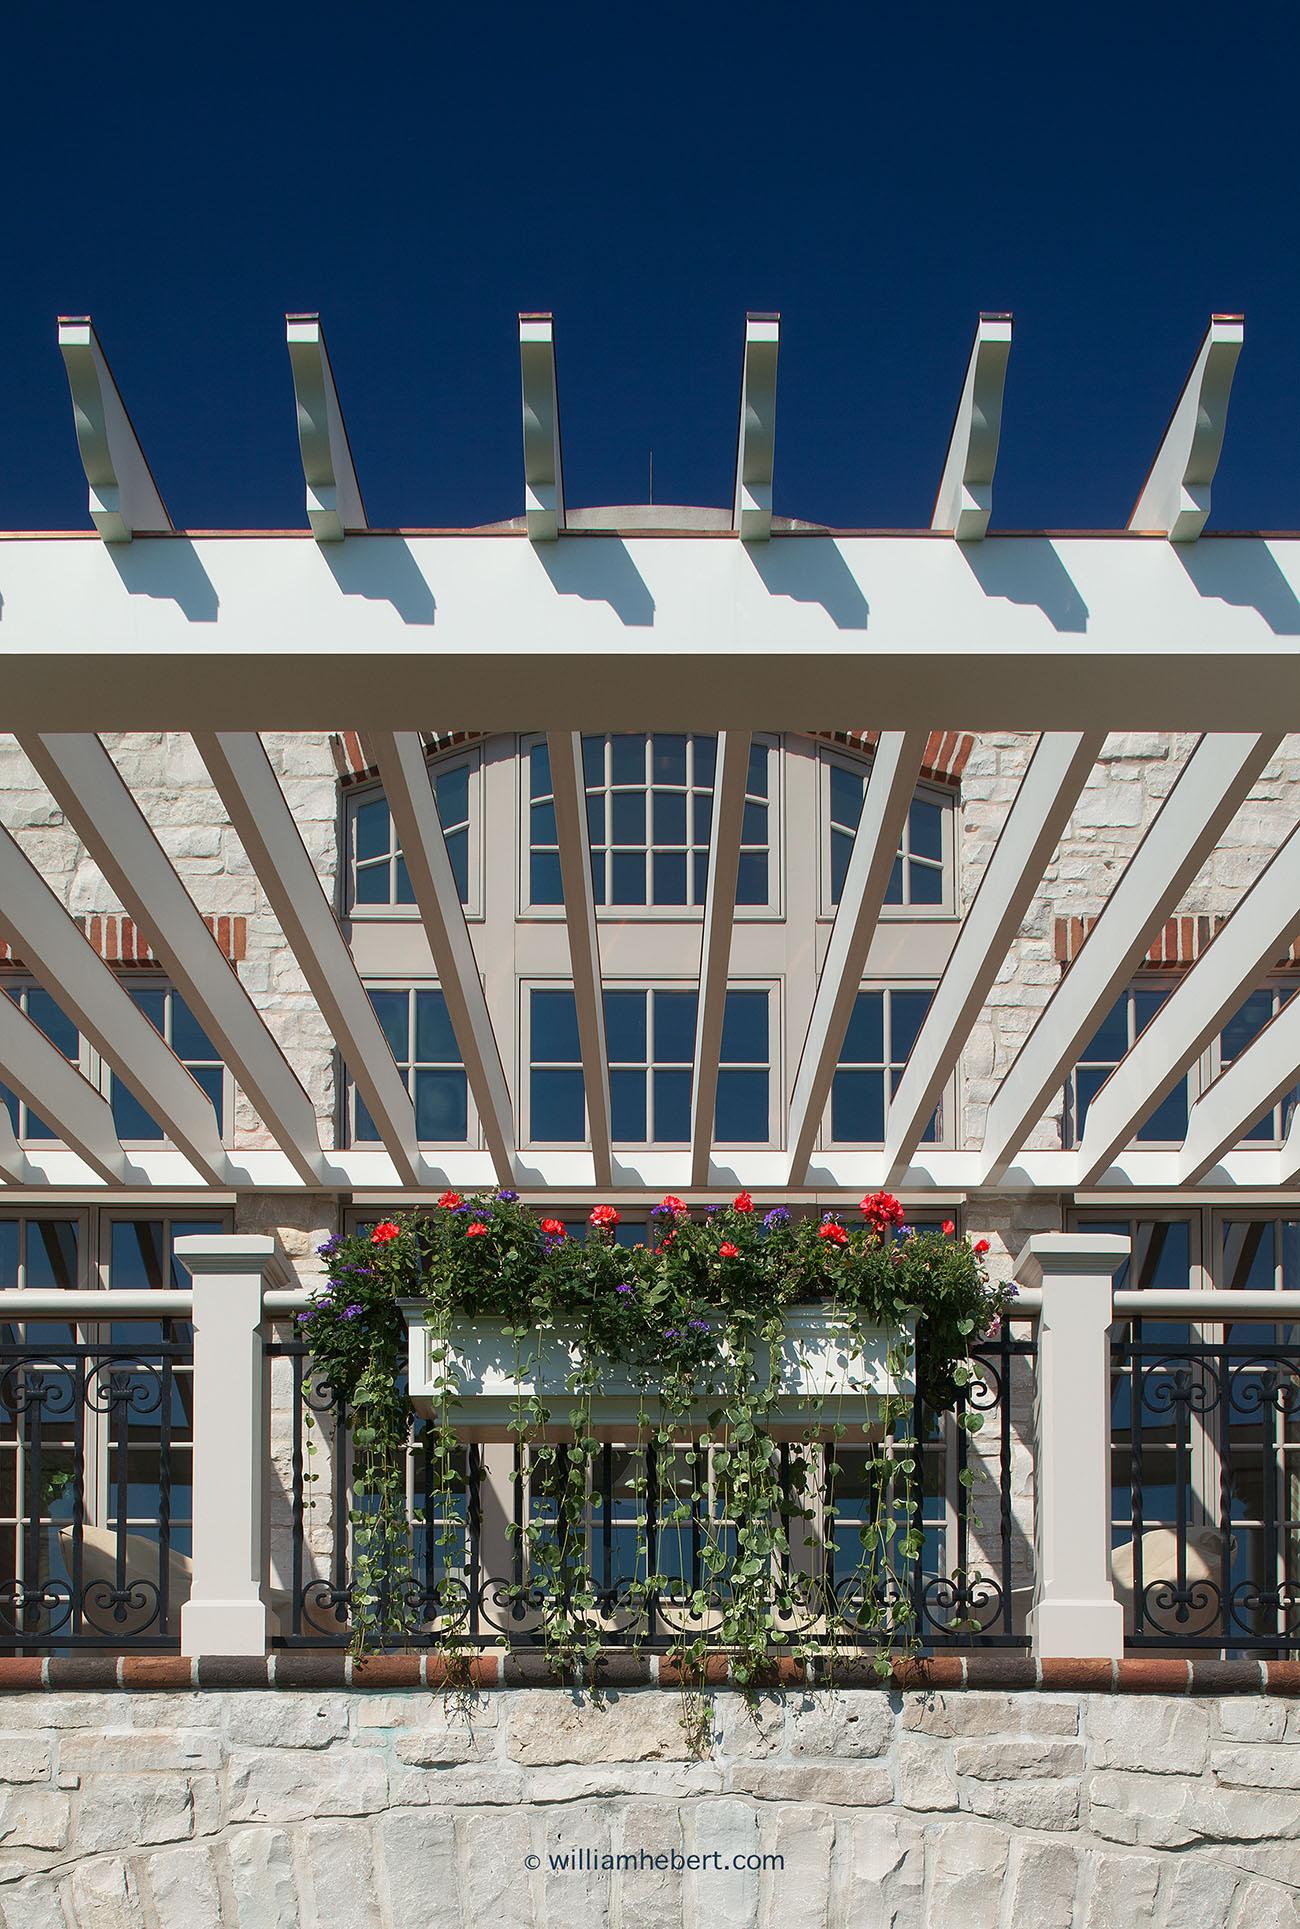 Architecture_Exterior_35.jpg